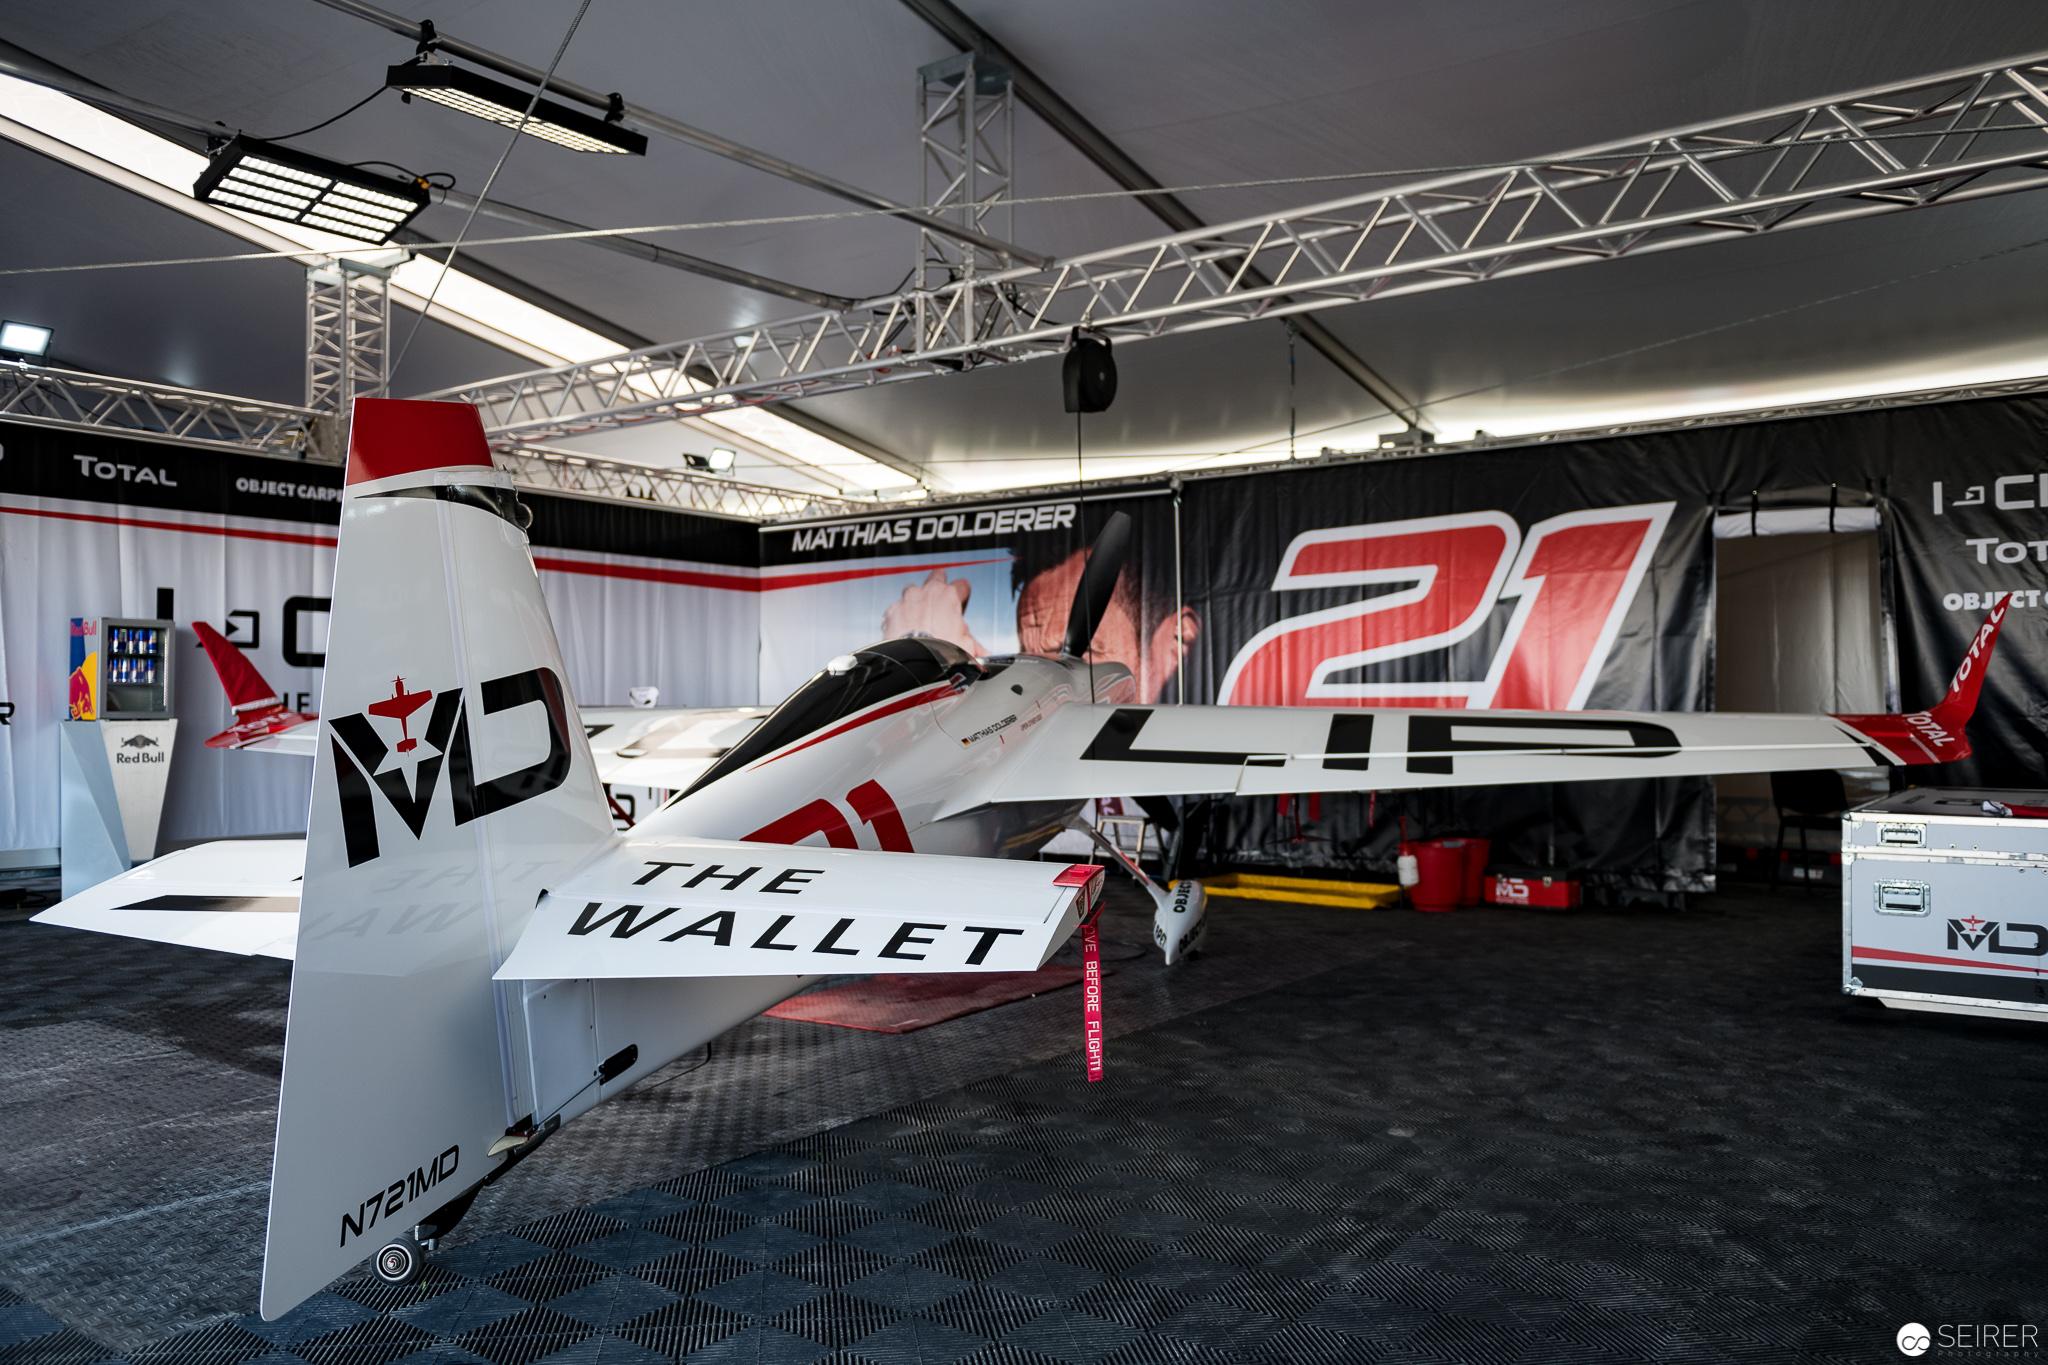 Matthias Dolderer Hangar, Red Bull Air Race 2018